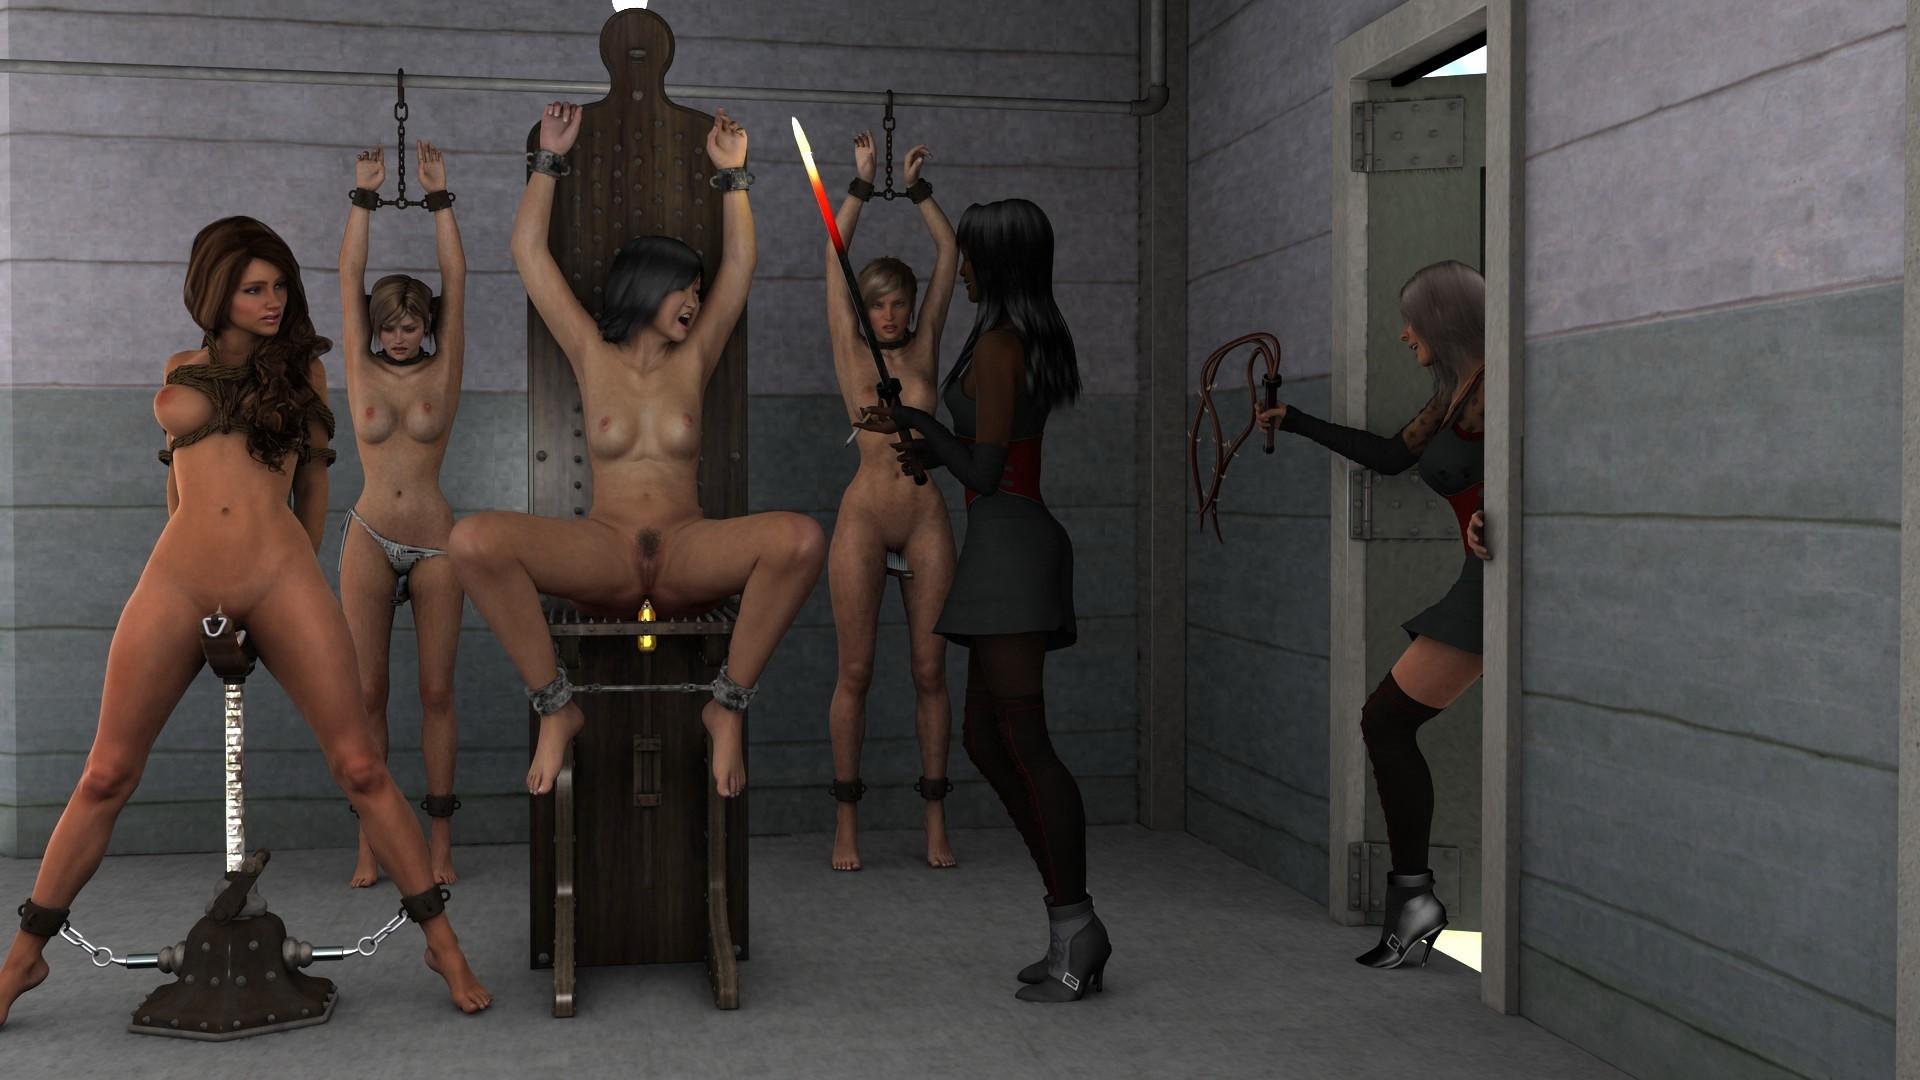 Молодые девушки стальной бондаж узниц средневековья видео домработница видео